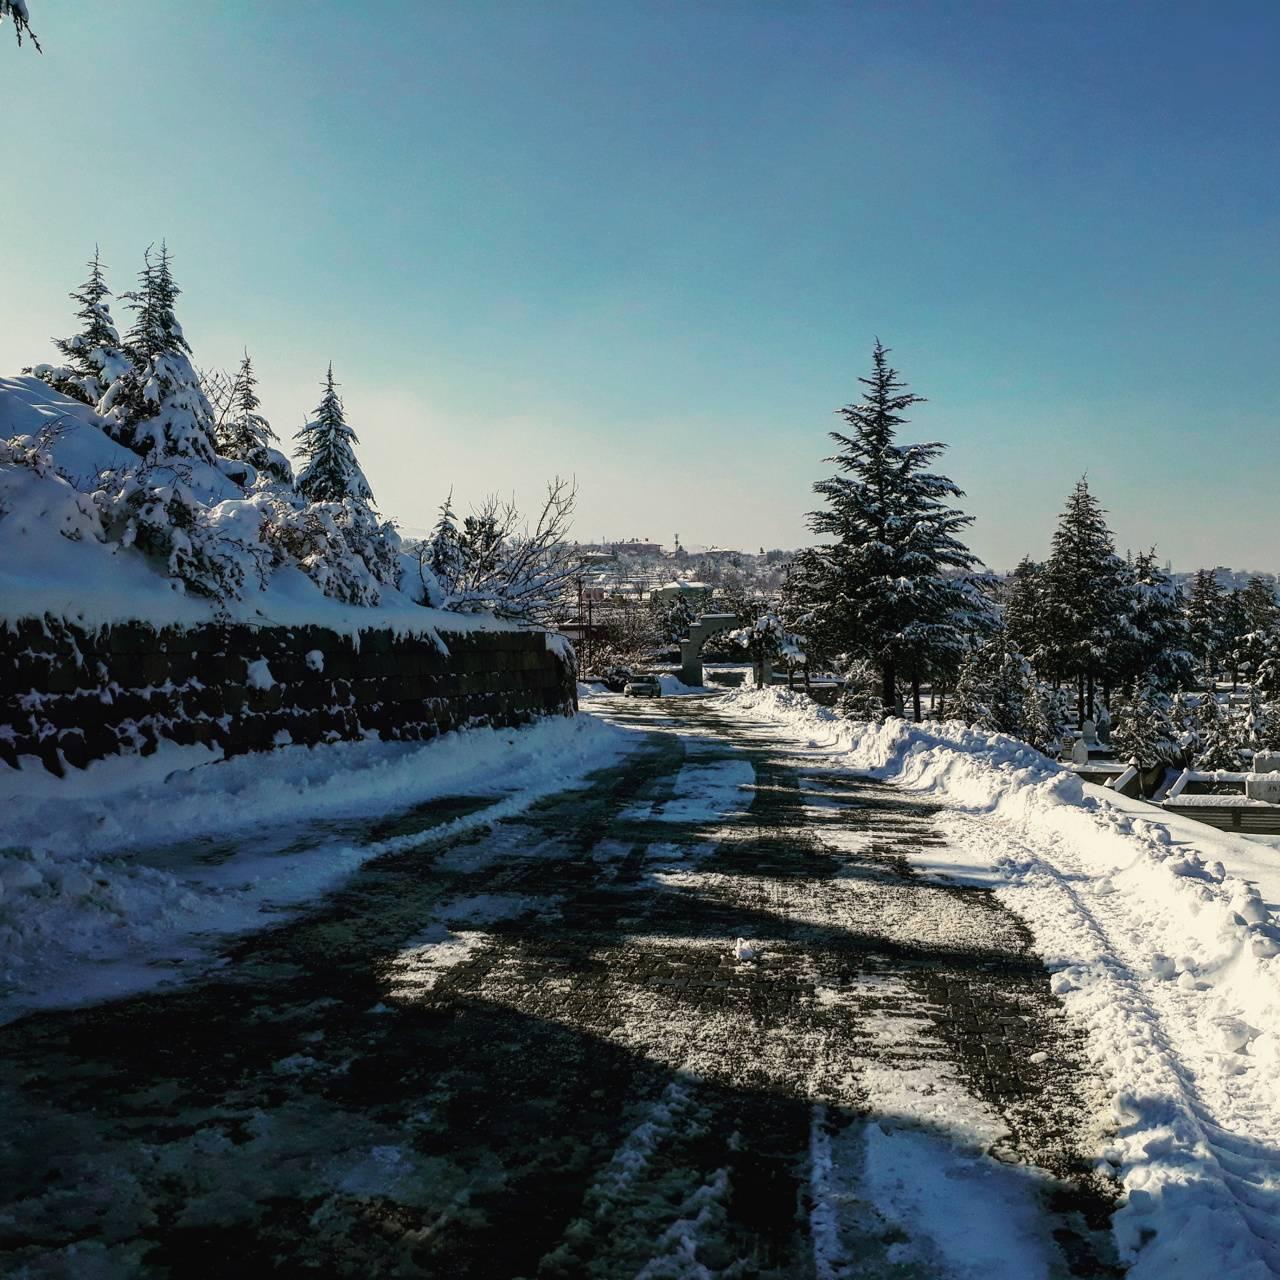 Grave in winter clth